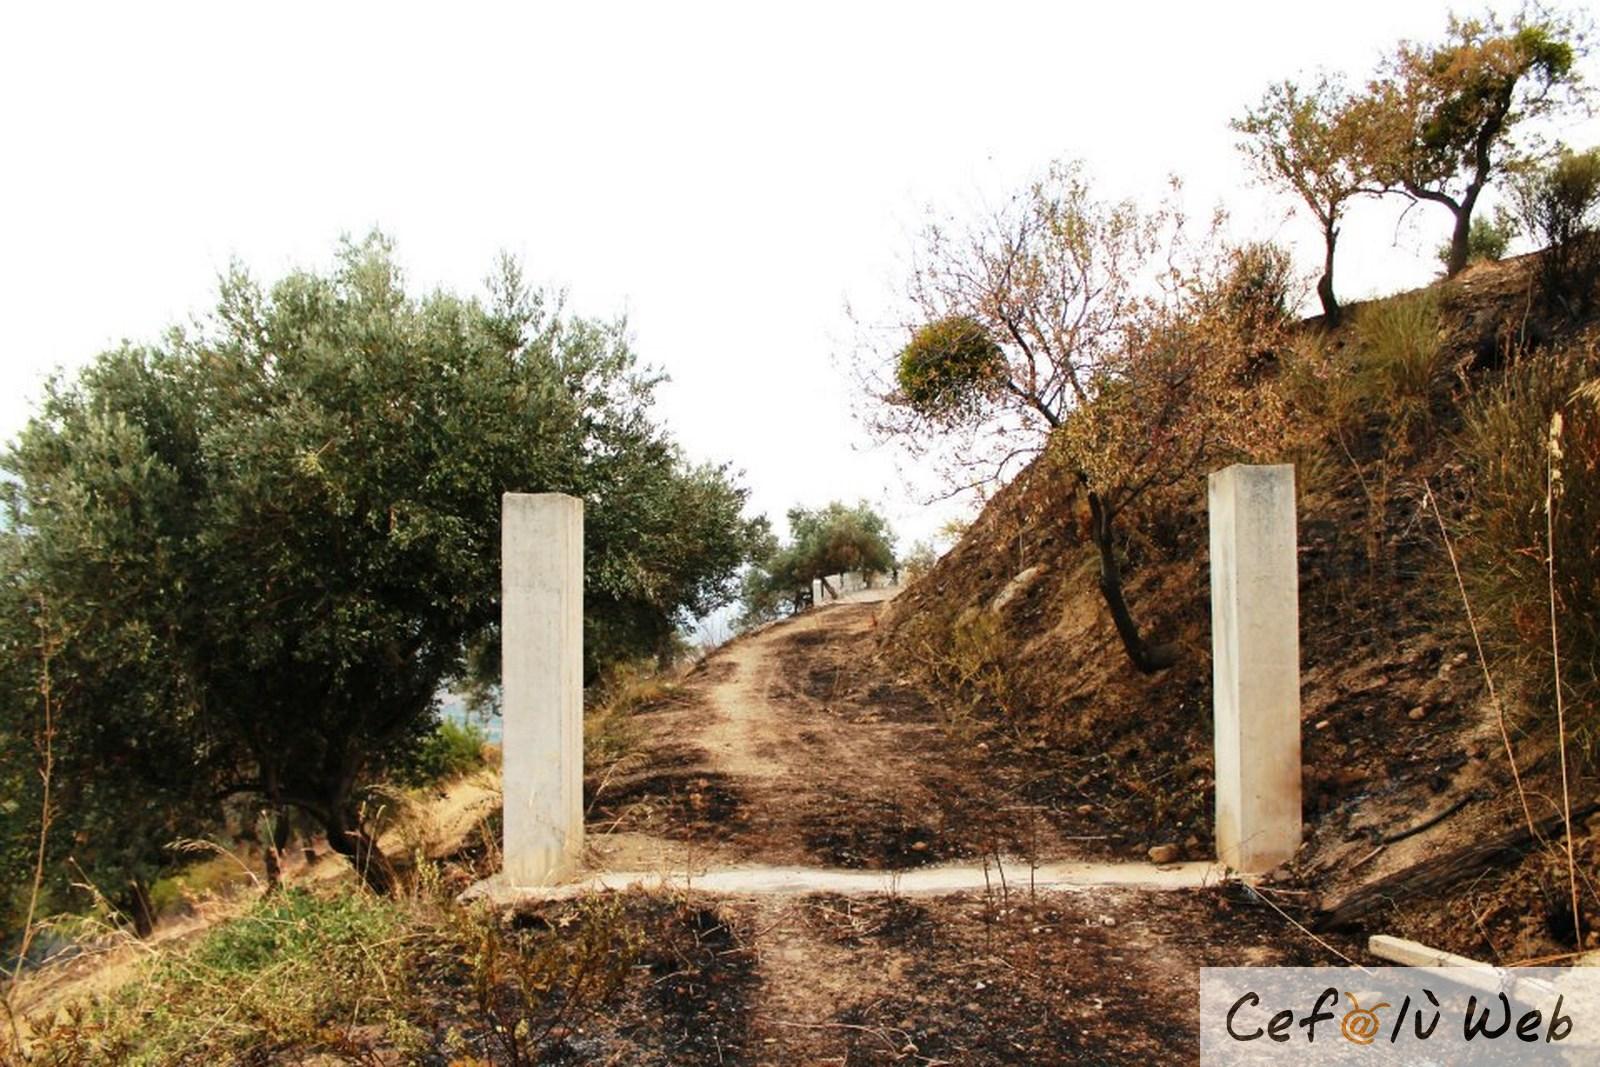 Cefalù Web tra le terre martoriate dall'incendio: Tusa e l'area archeologica di Halaesa